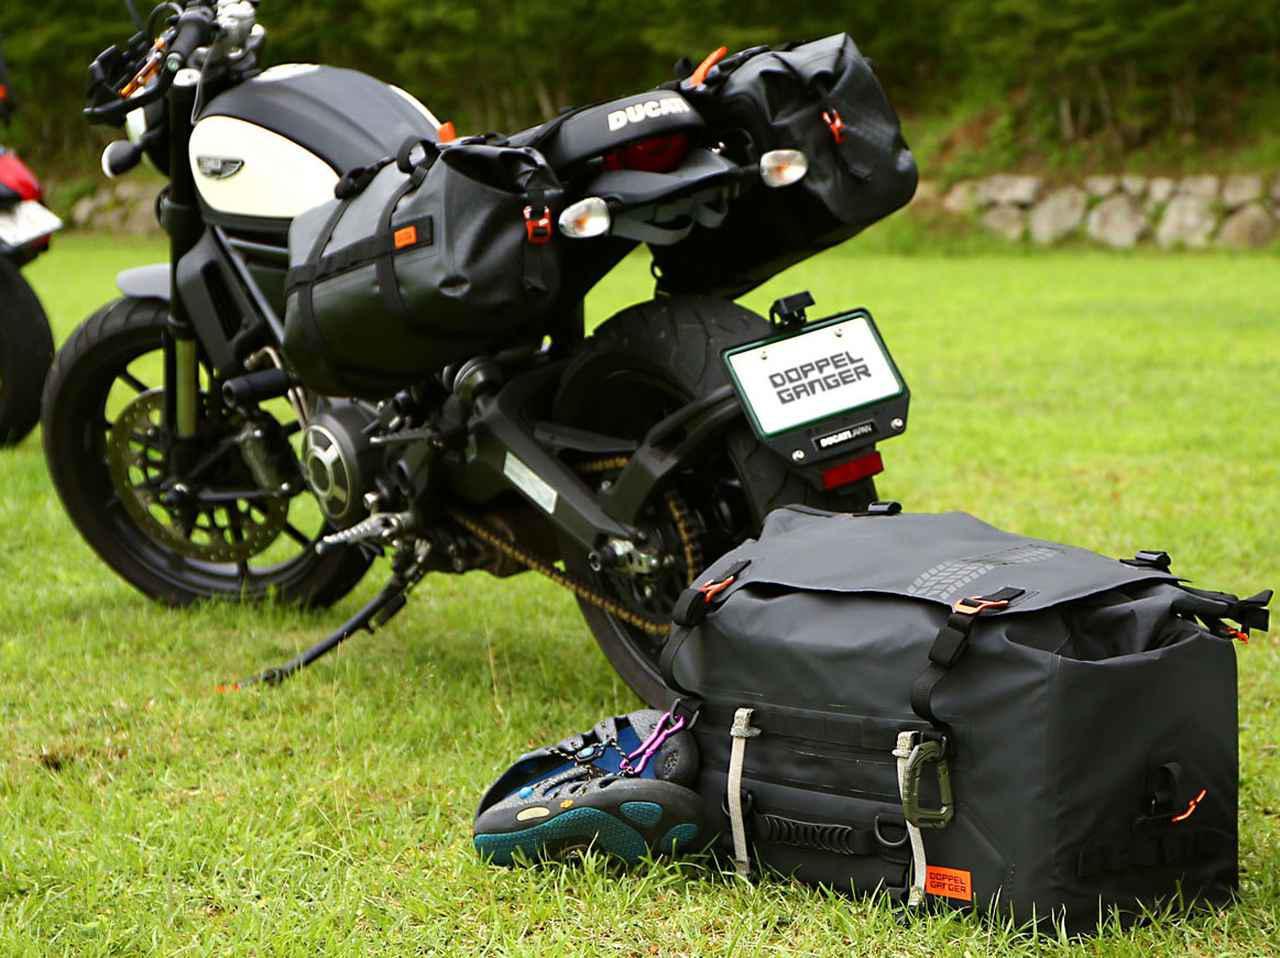 画像: 大容量55Lの防水空間がロングツーリングをサポート! ドッペルギャンガーの新製品「ターポリンシートバッグ ツアー」 - webオートバイ